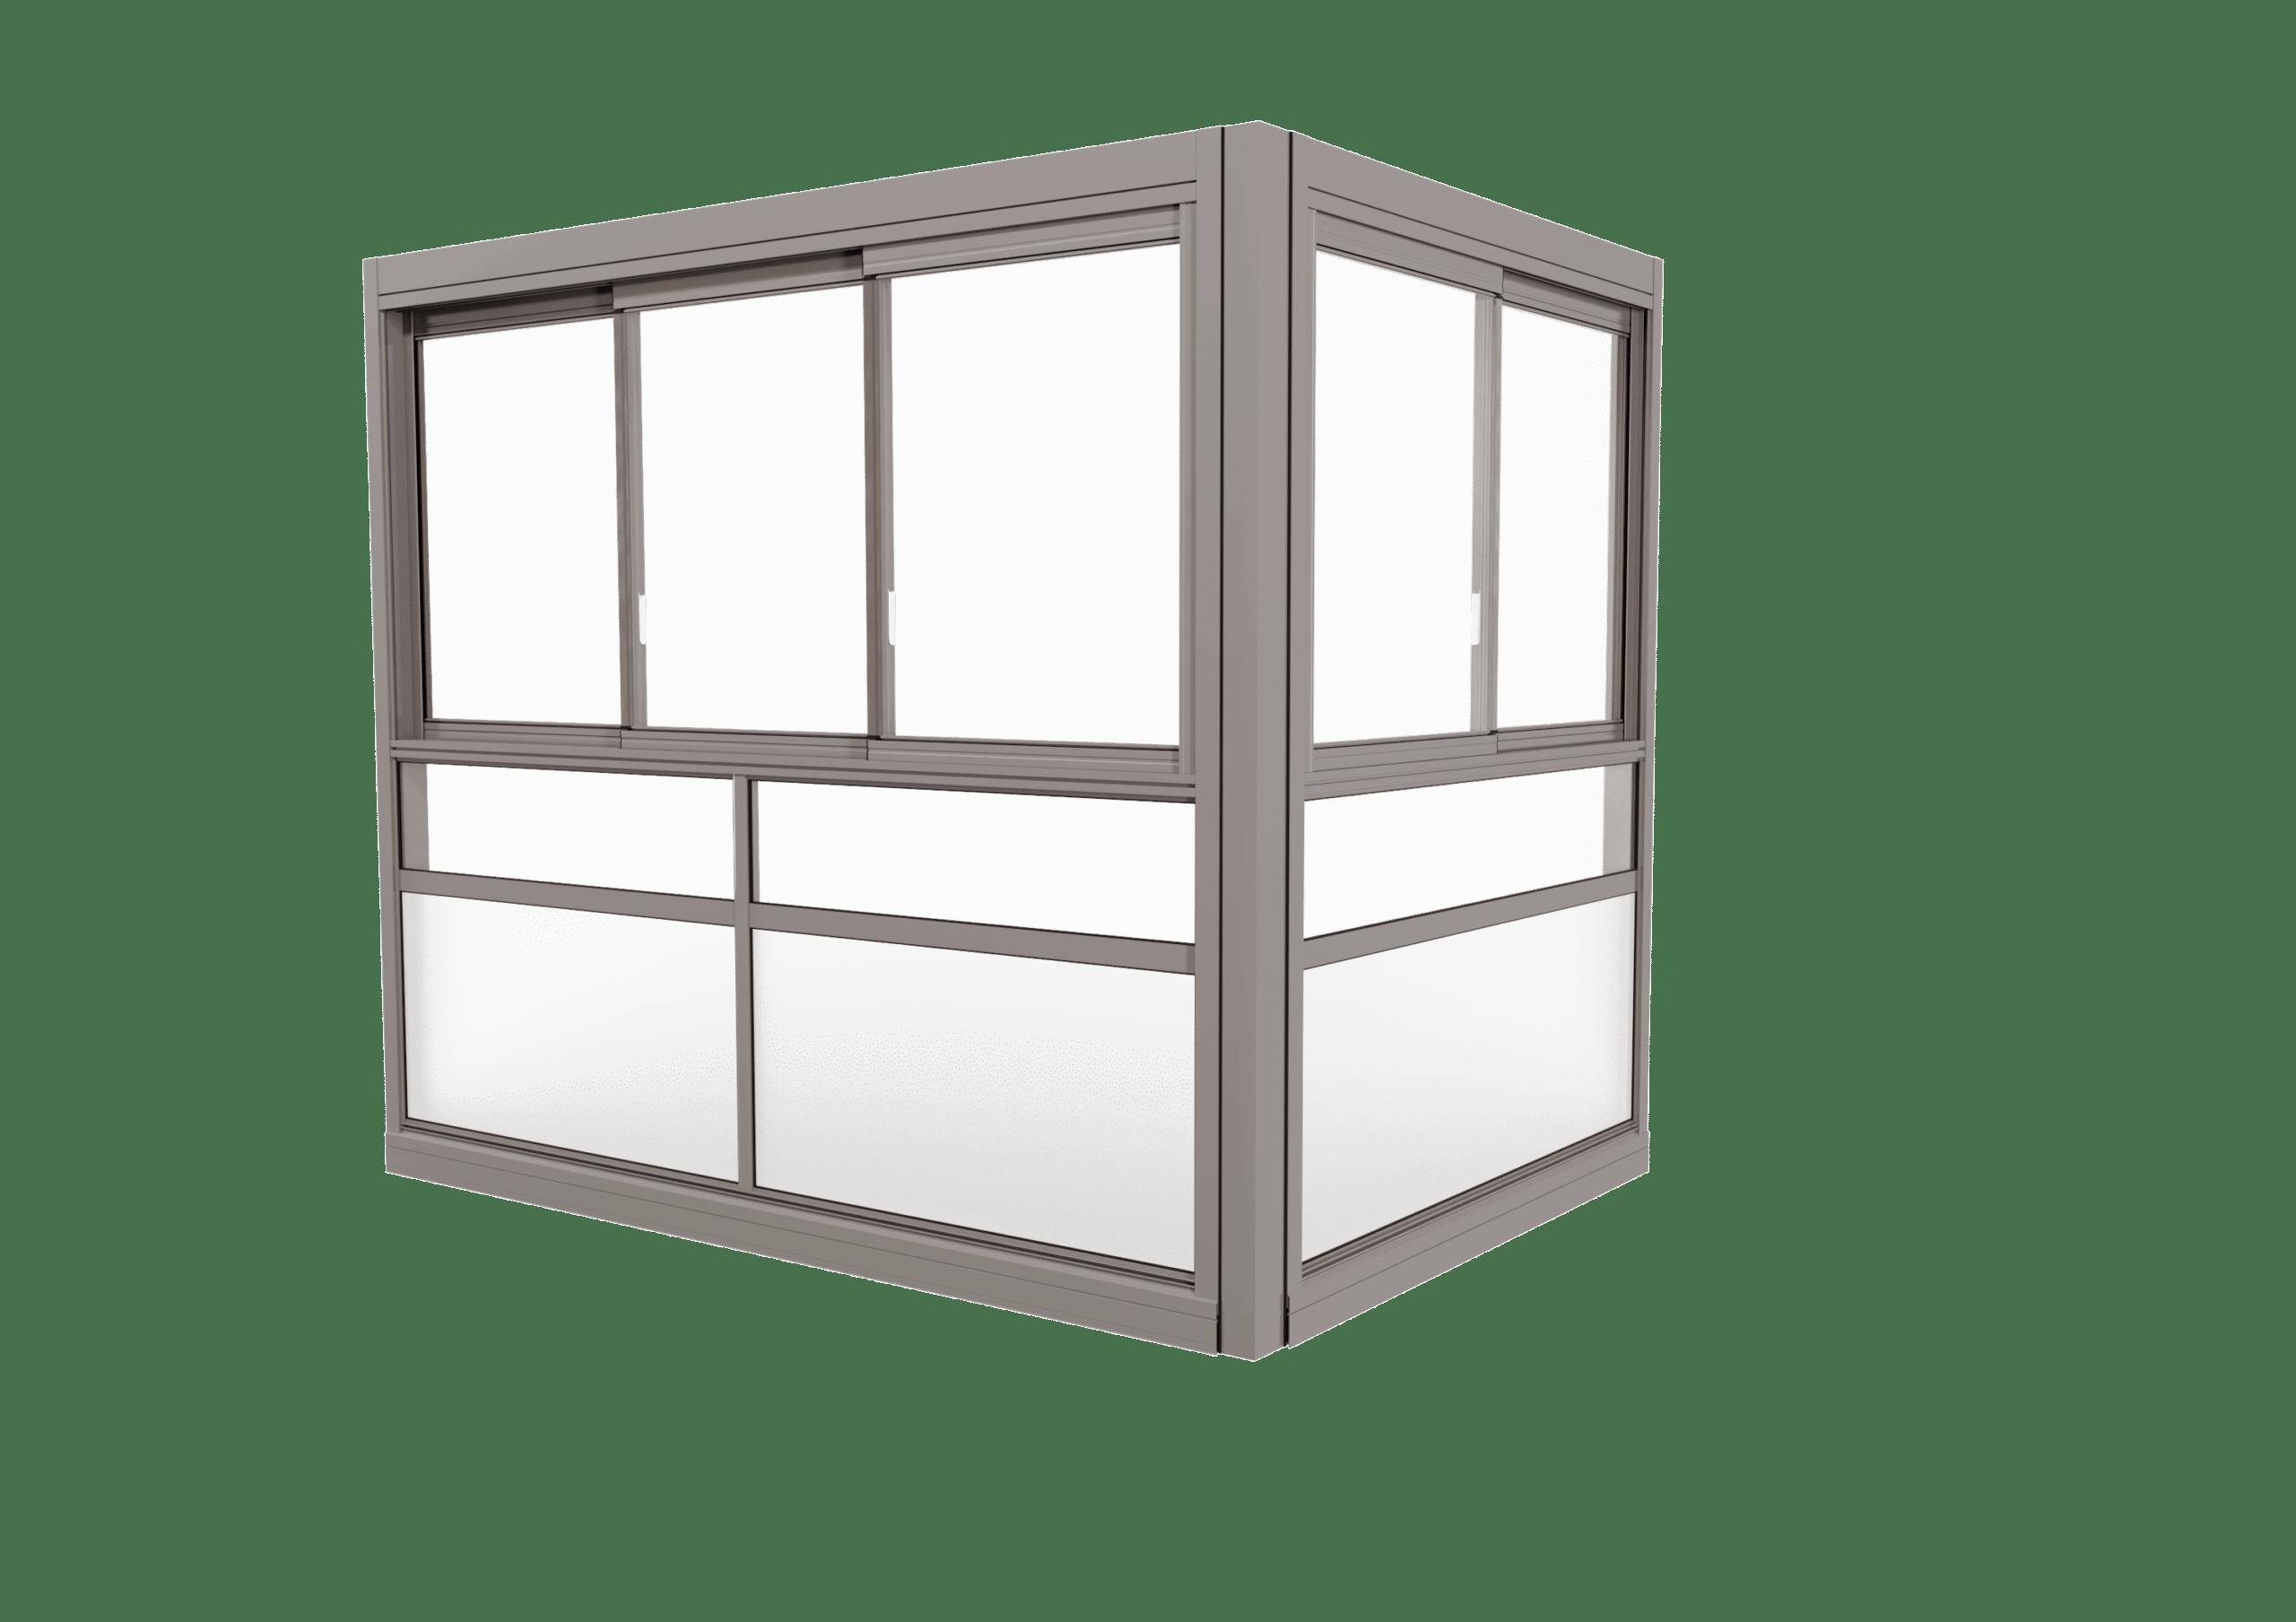 <span>TwinView™ Sight </span>Verglasungssystem mit gerahmten Fenstern.